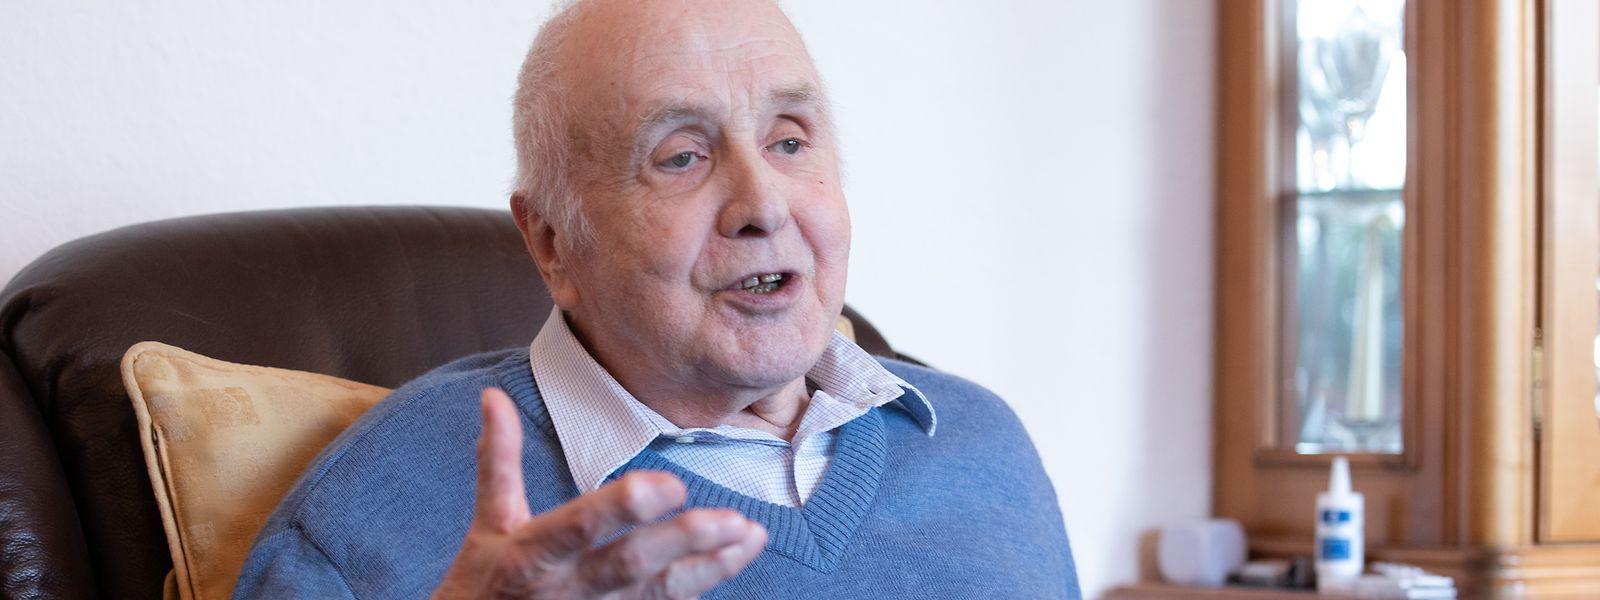 Erny Bernotte ist seit gut 20 Jahren pensioniert und lebt mit seiner Ehefrau Francine in Lintgen, an seine Armeezeit denkt er gerne zurück.